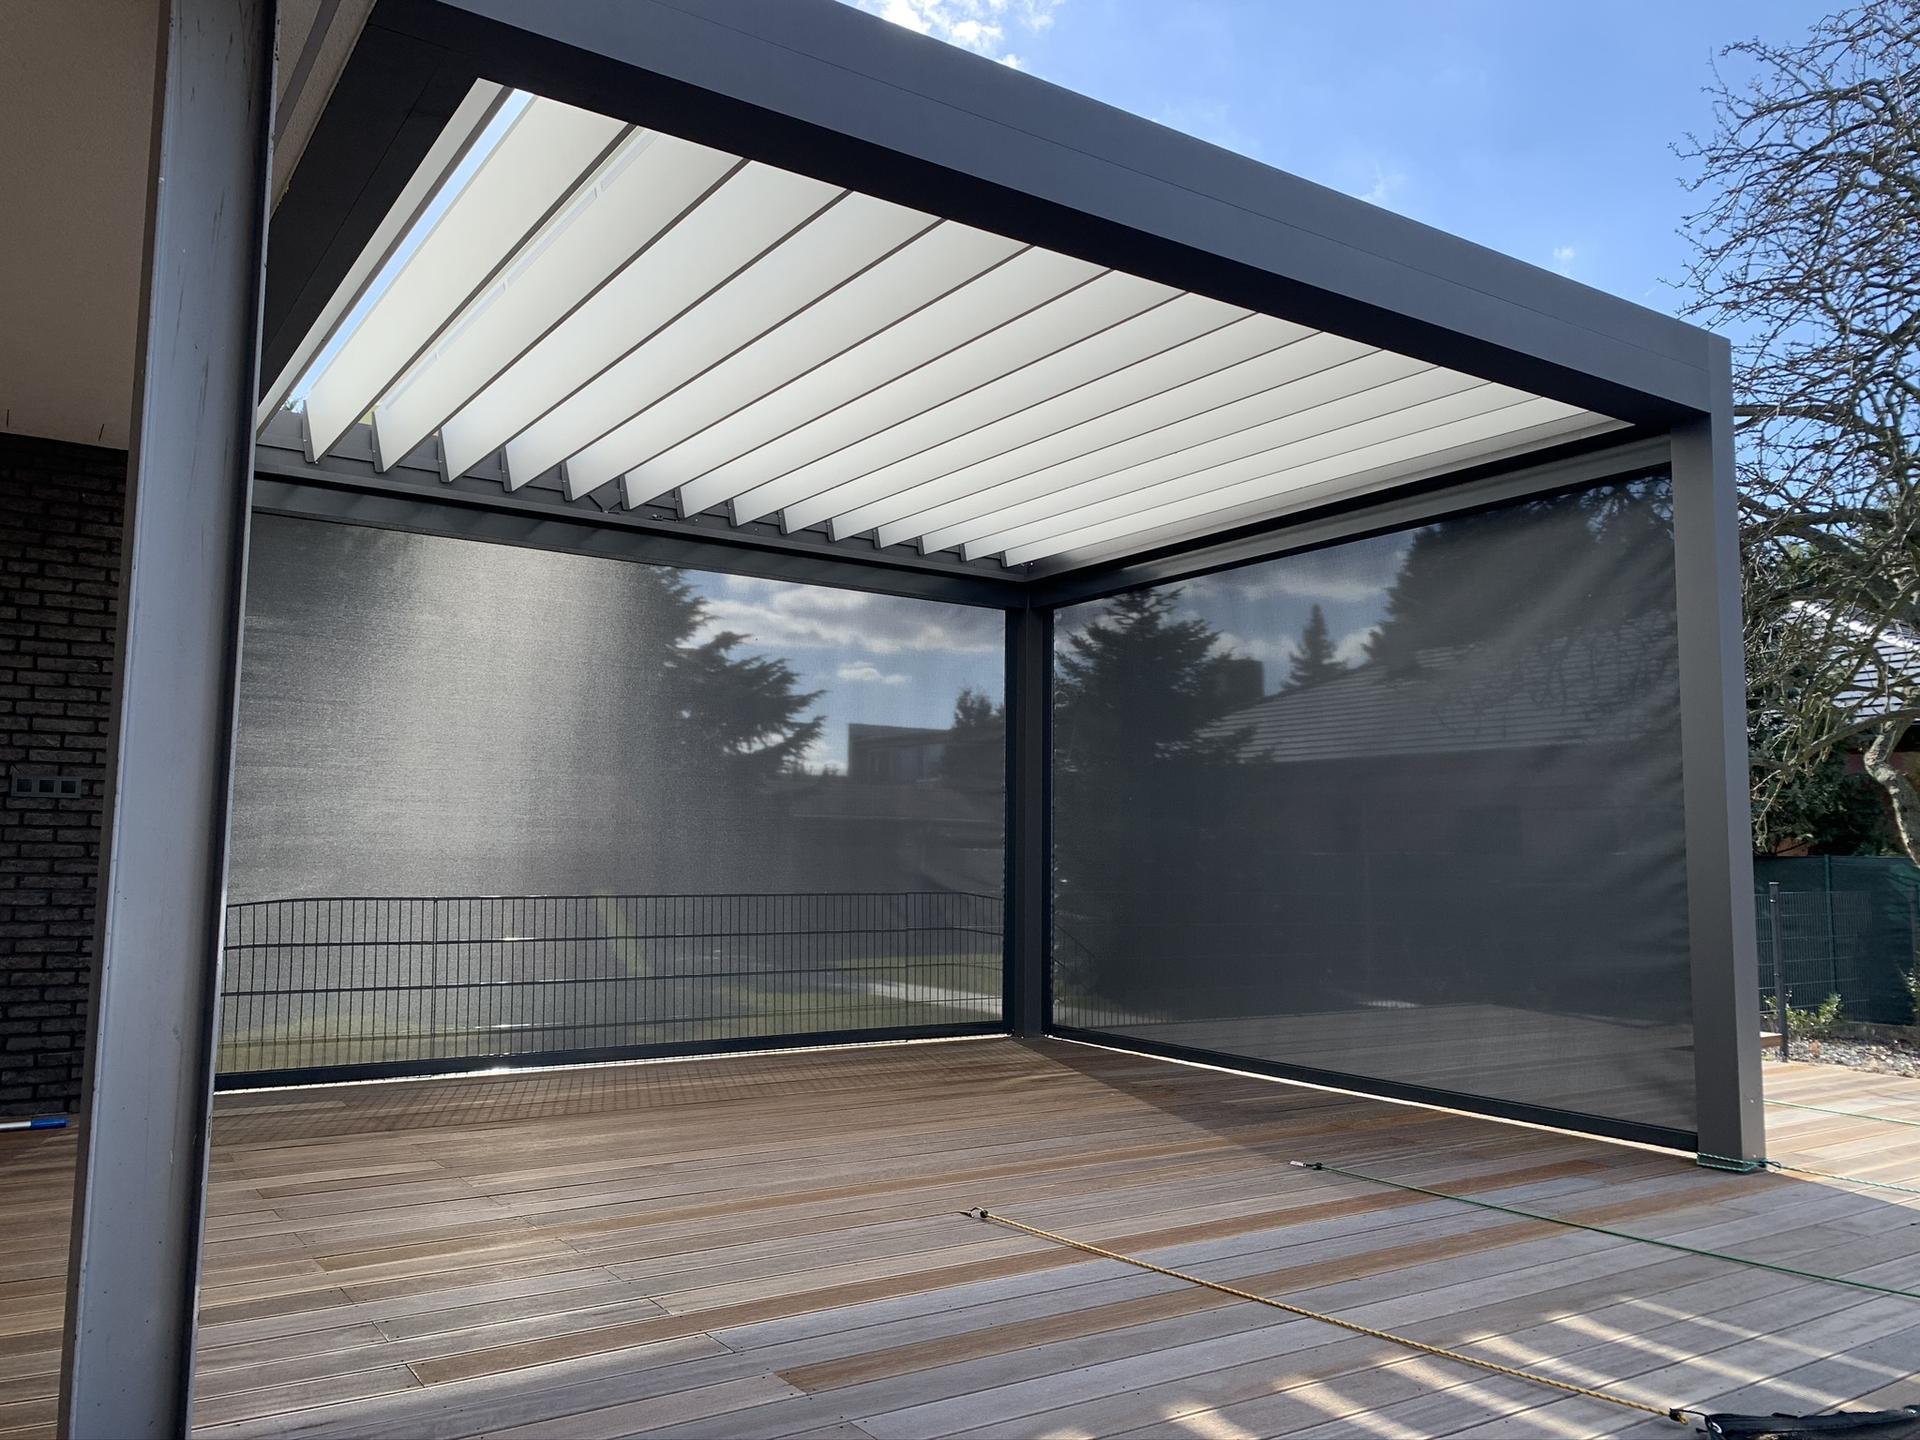 Hliníková lamelová pergola ESPACIO je vhodná na terasy, átriá alebo ako voľne stojací objekt do záhrady. Montuje sa samostatne alebo ako súčasť domu. - Obrázok č. 1